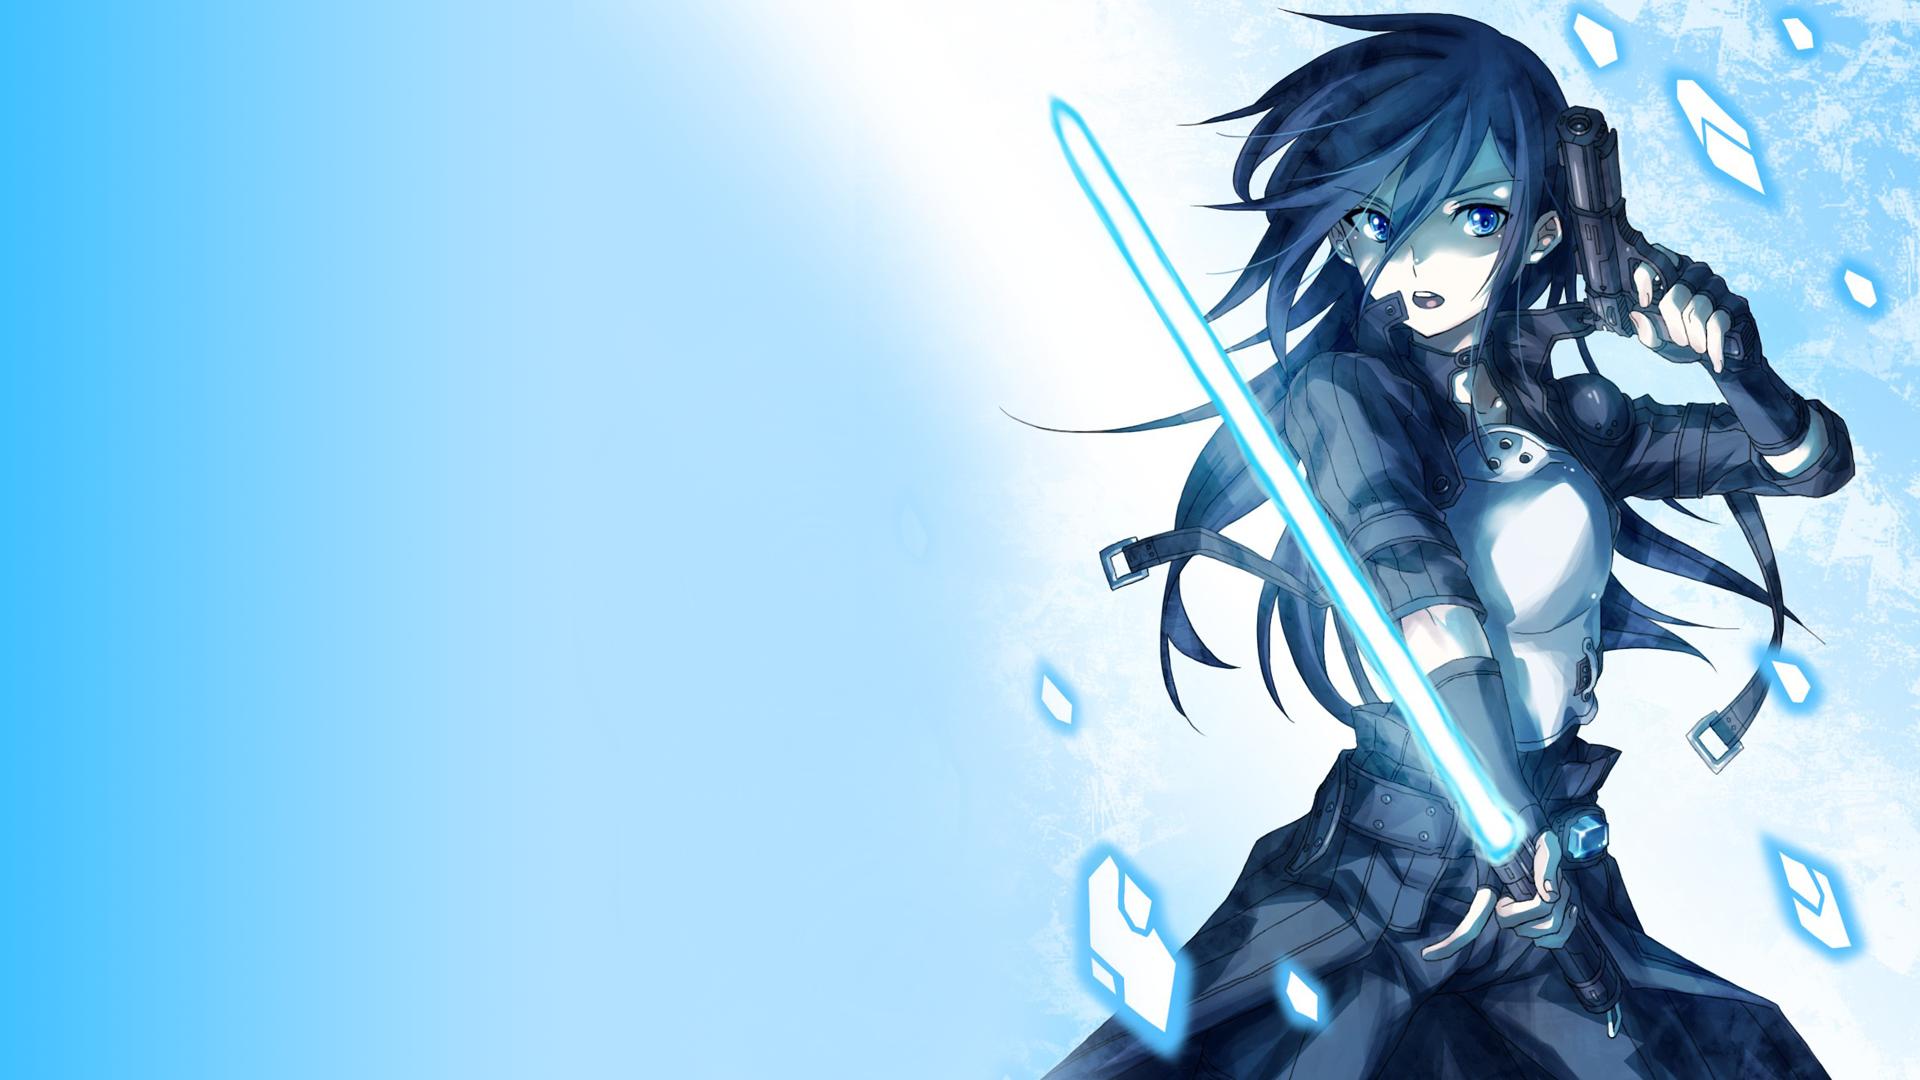 sword art online anime wallpaper - photo #32